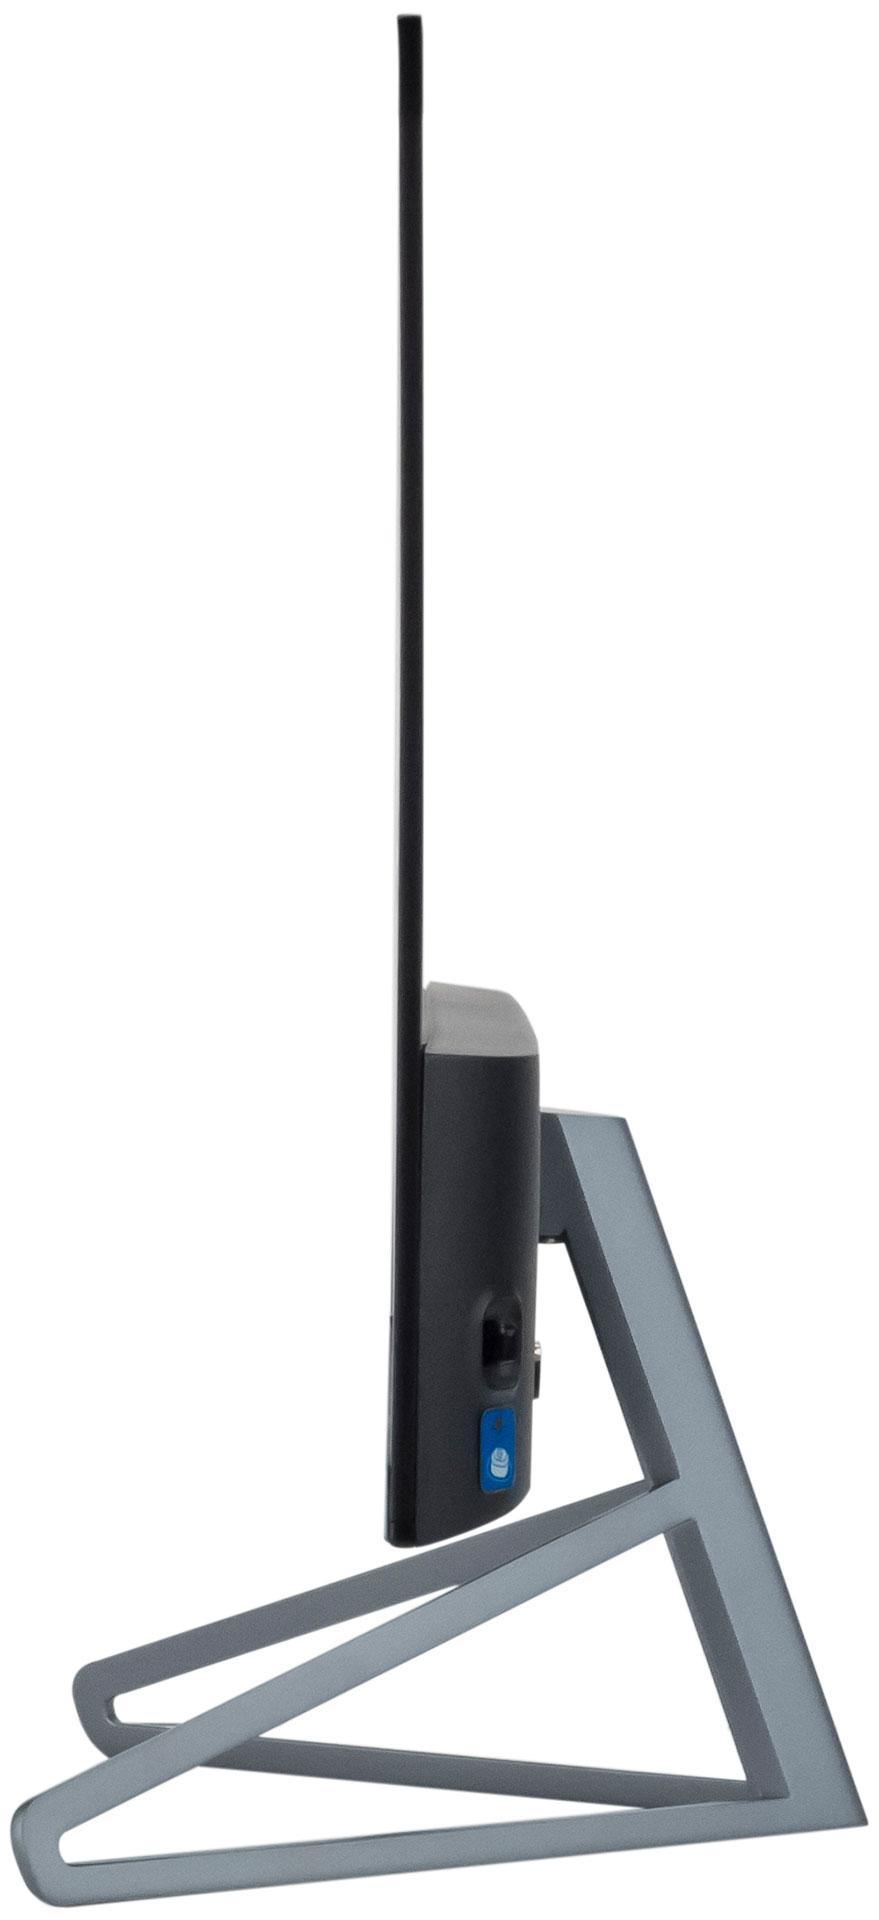 Для эстетов: обзор утонченного монитора Philips 245C диагональю 24 дюйма